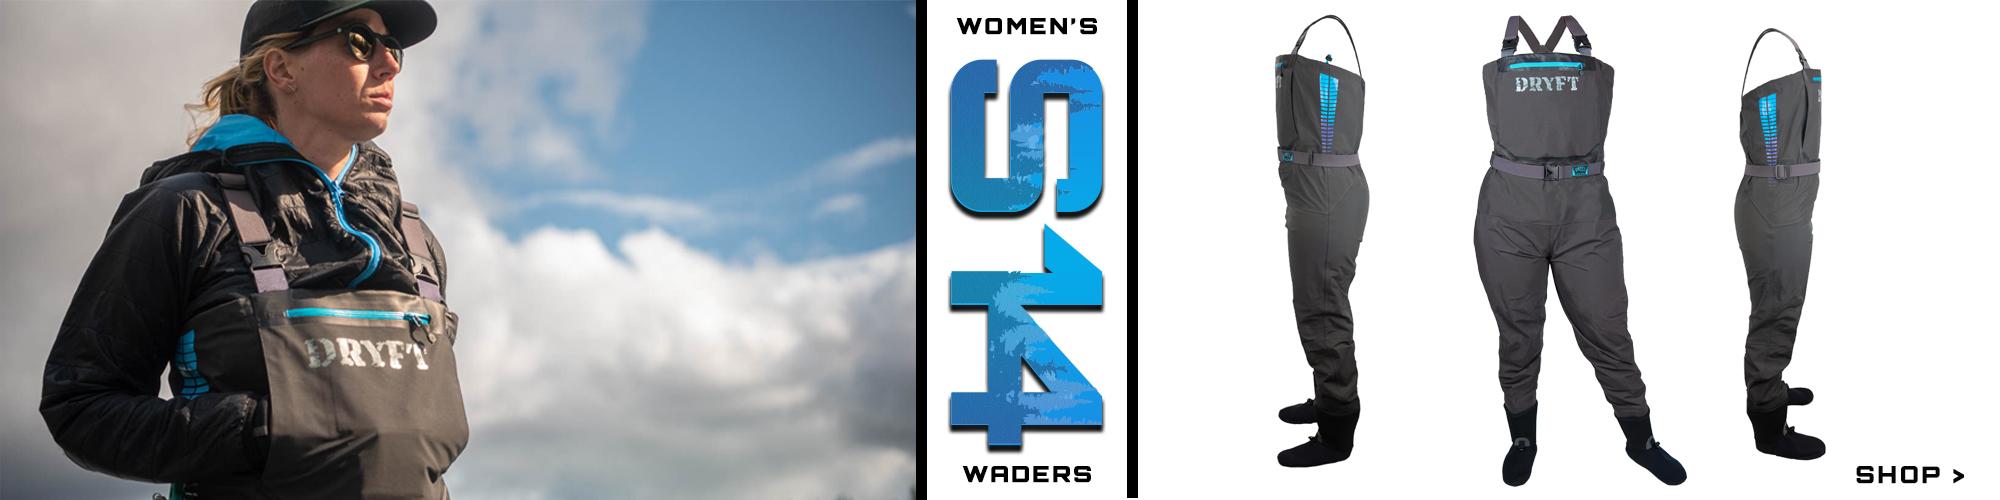 women's S14 DRYFT waders